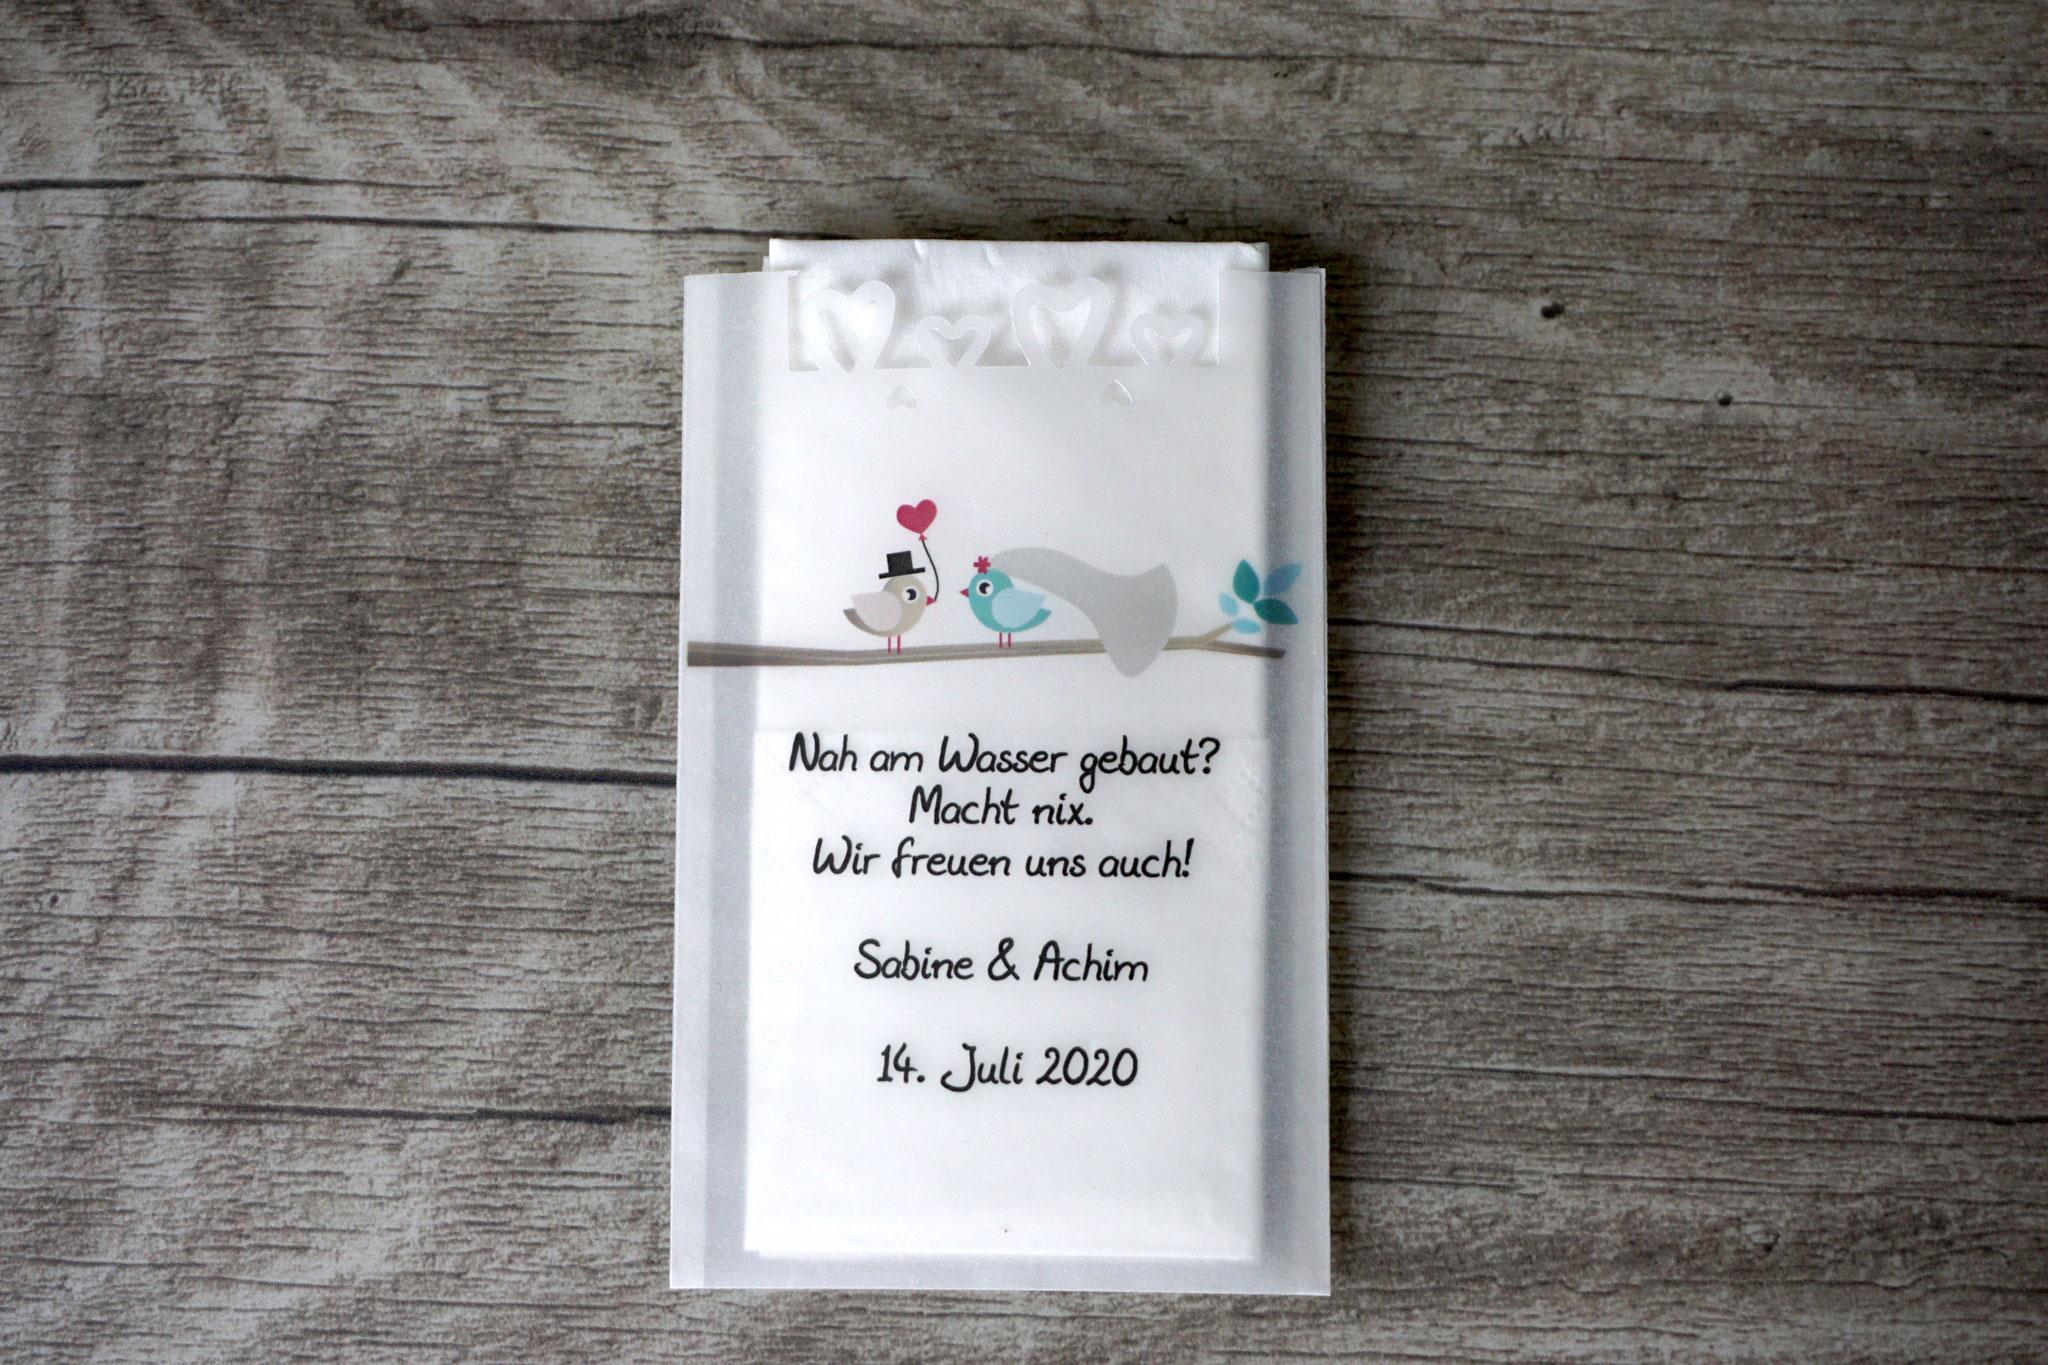 Freudentränen Taschentücher Design Hochzeitsvögel auf Ast, Farbe Türkis hell/Beigegrau mit Herzrand